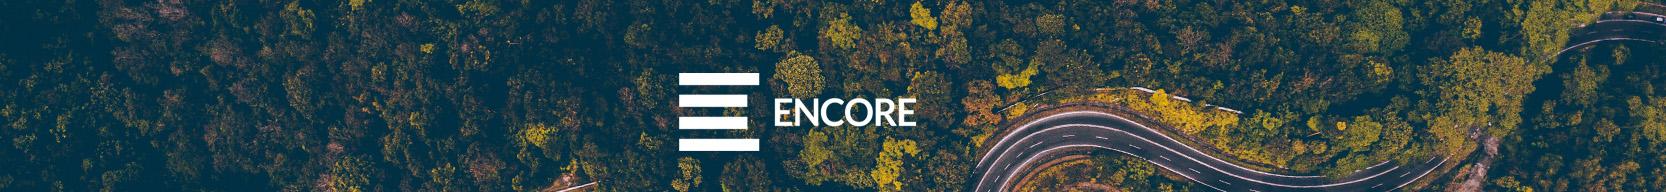 ENCORE tool